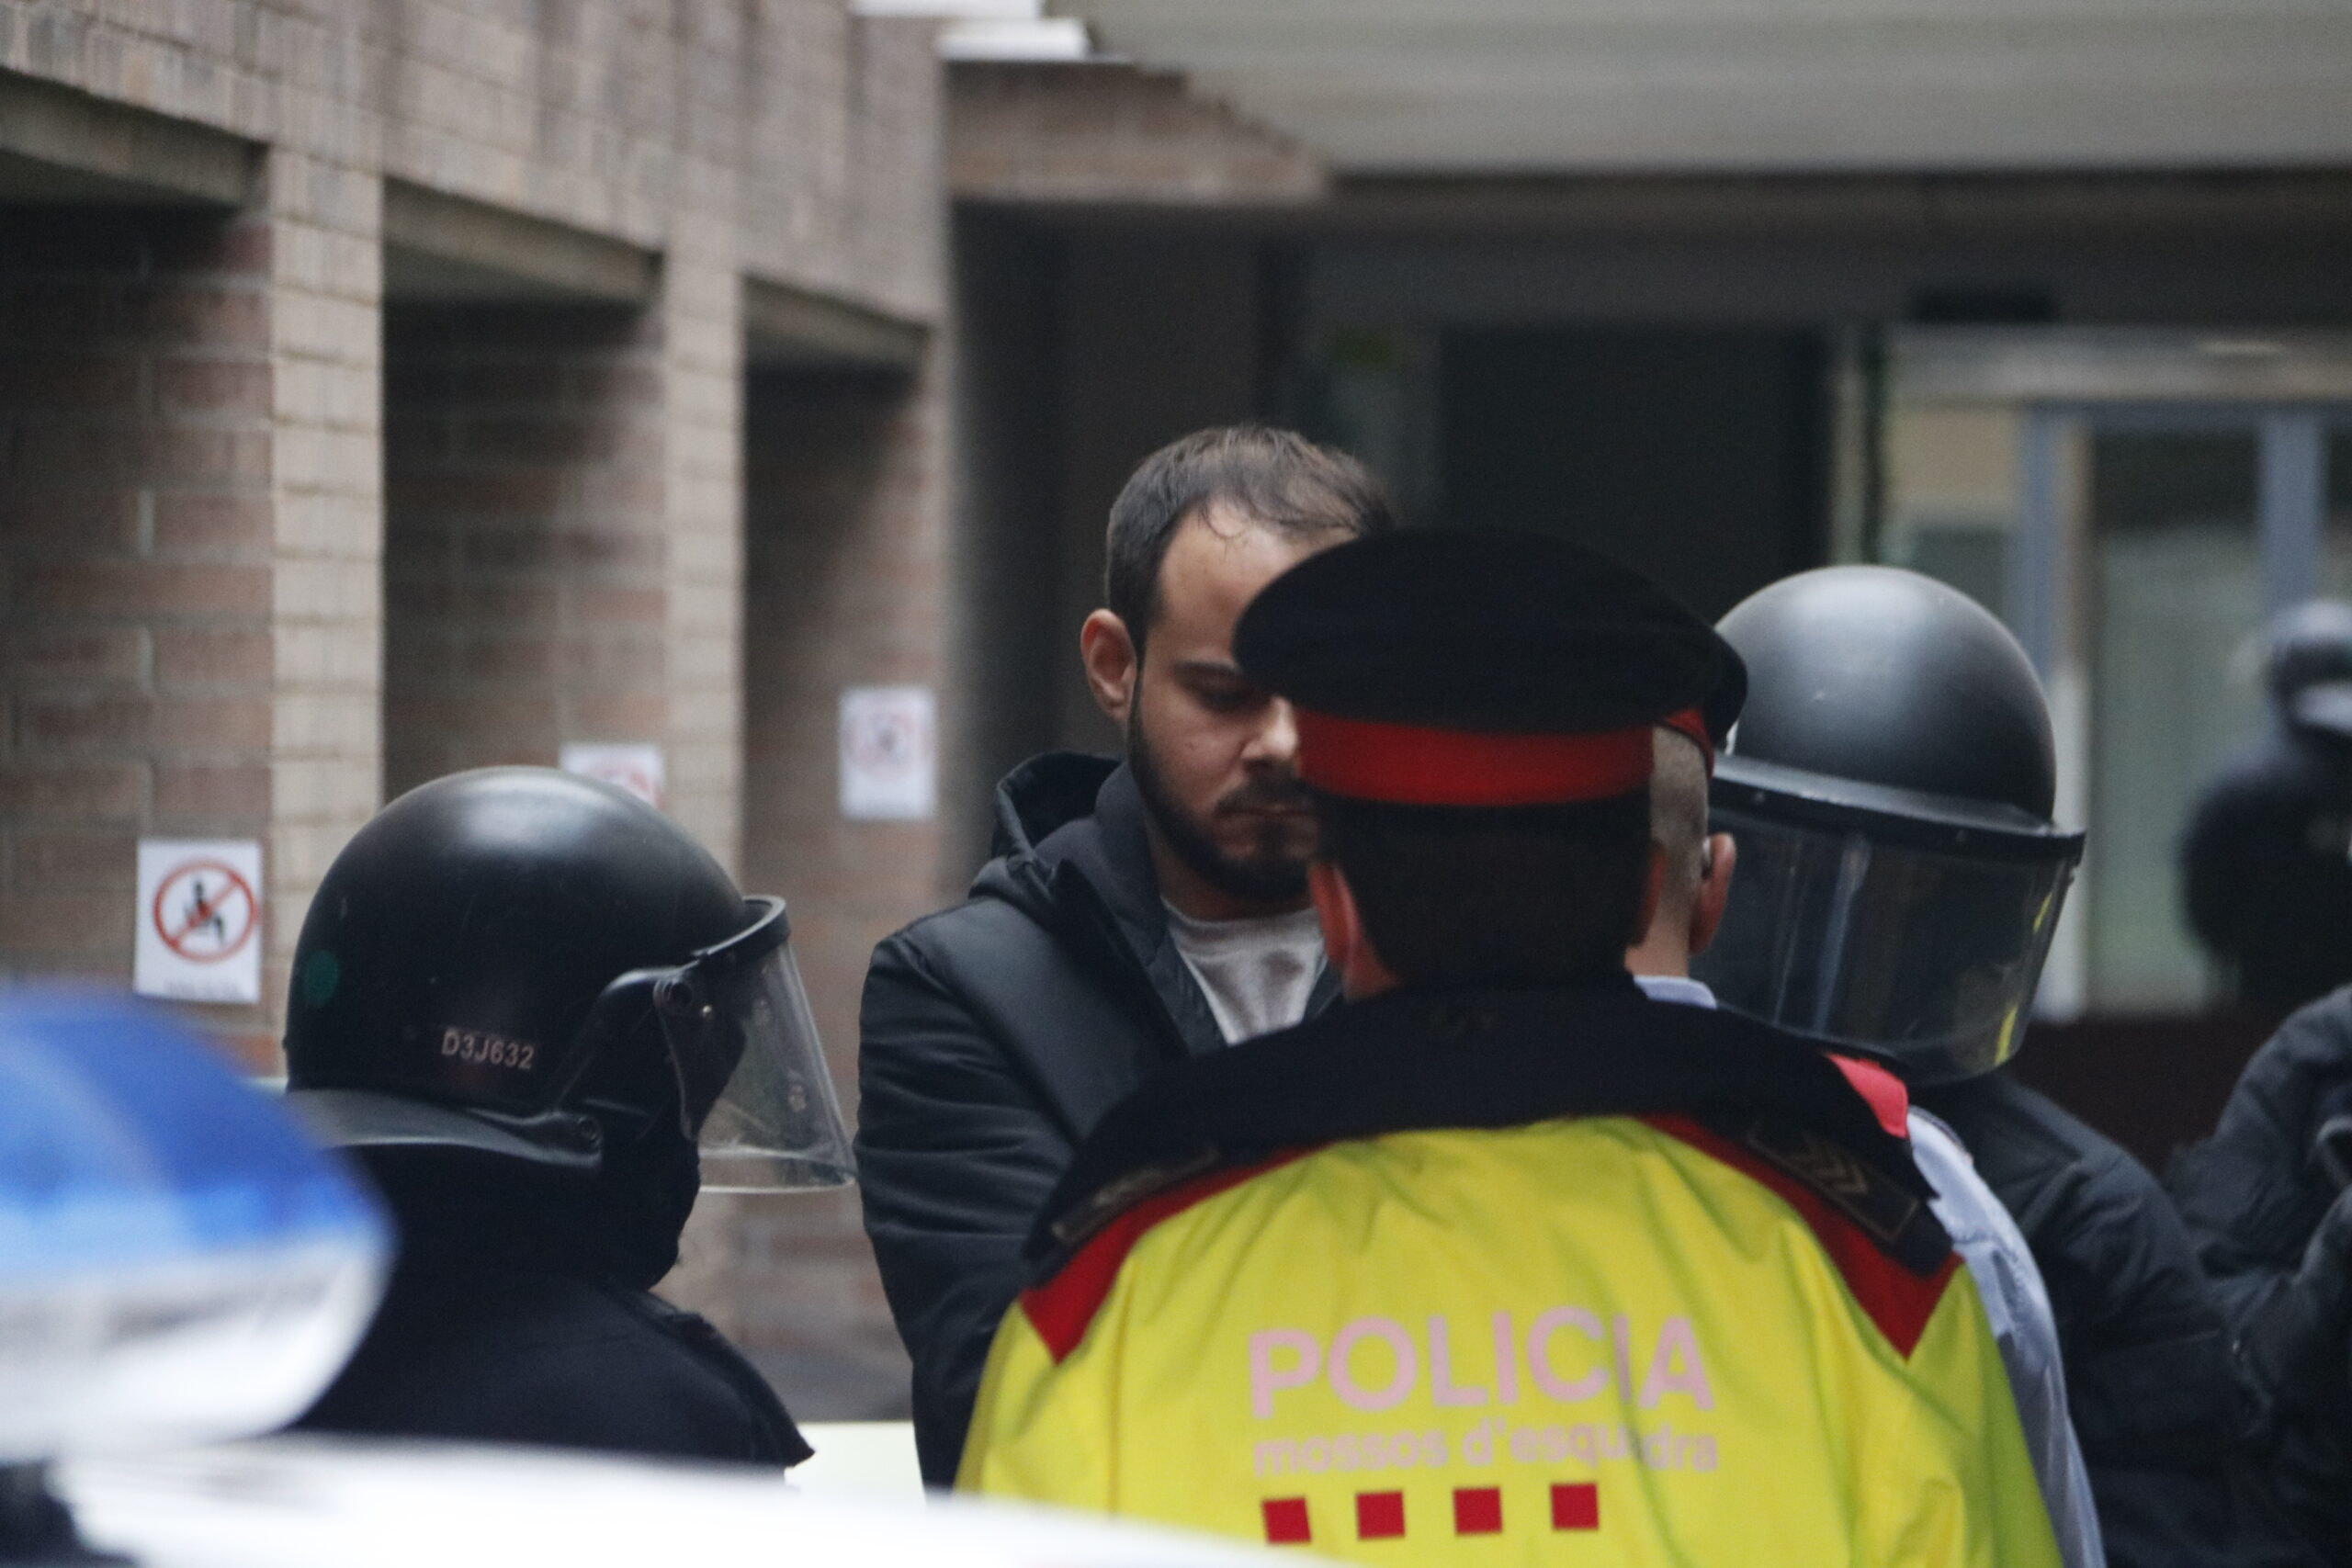 El raper Pablo Hasél, a punt d'entrar al vehicle dels Mossos d'Esquadra després de ser detingut | ACN